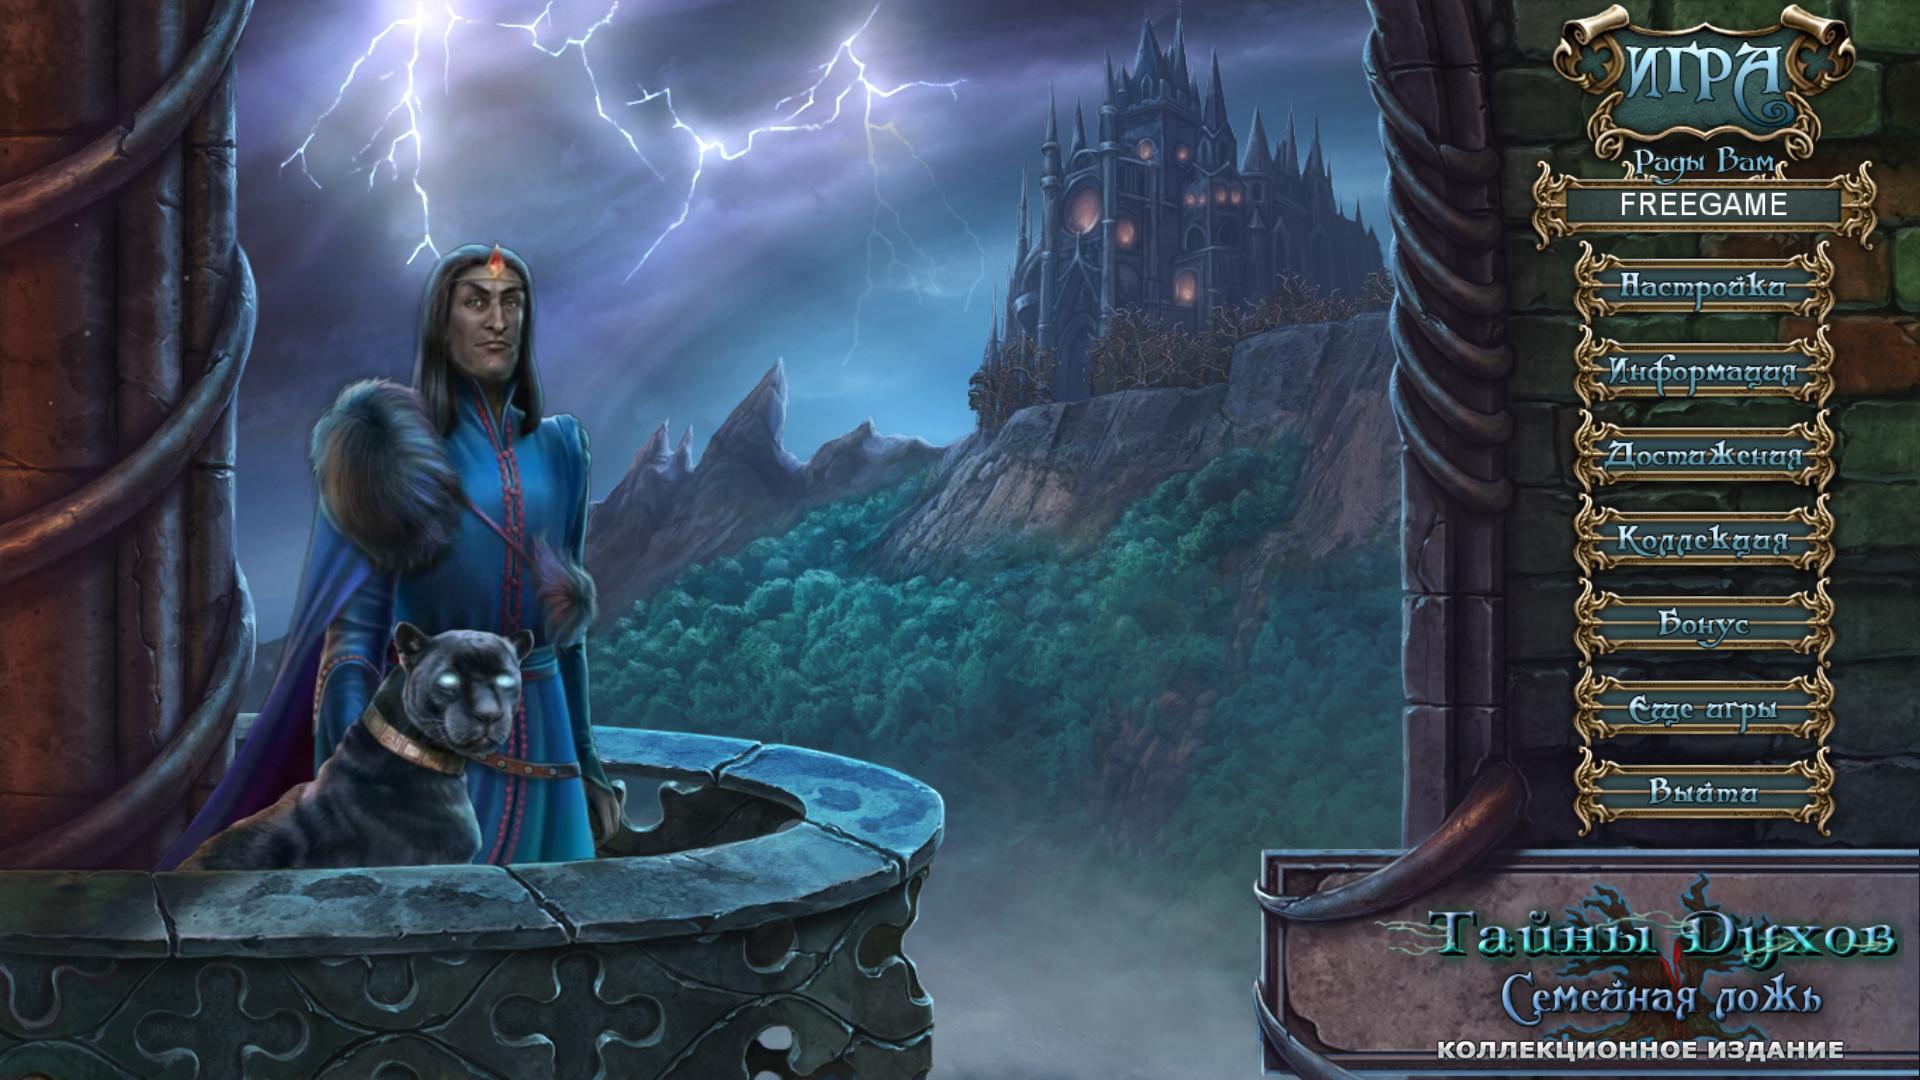 Тайны духов 6: Семейная ложь. Коллекционное издание | Spirits of Mystery 6: Family Lies CE (Rus)